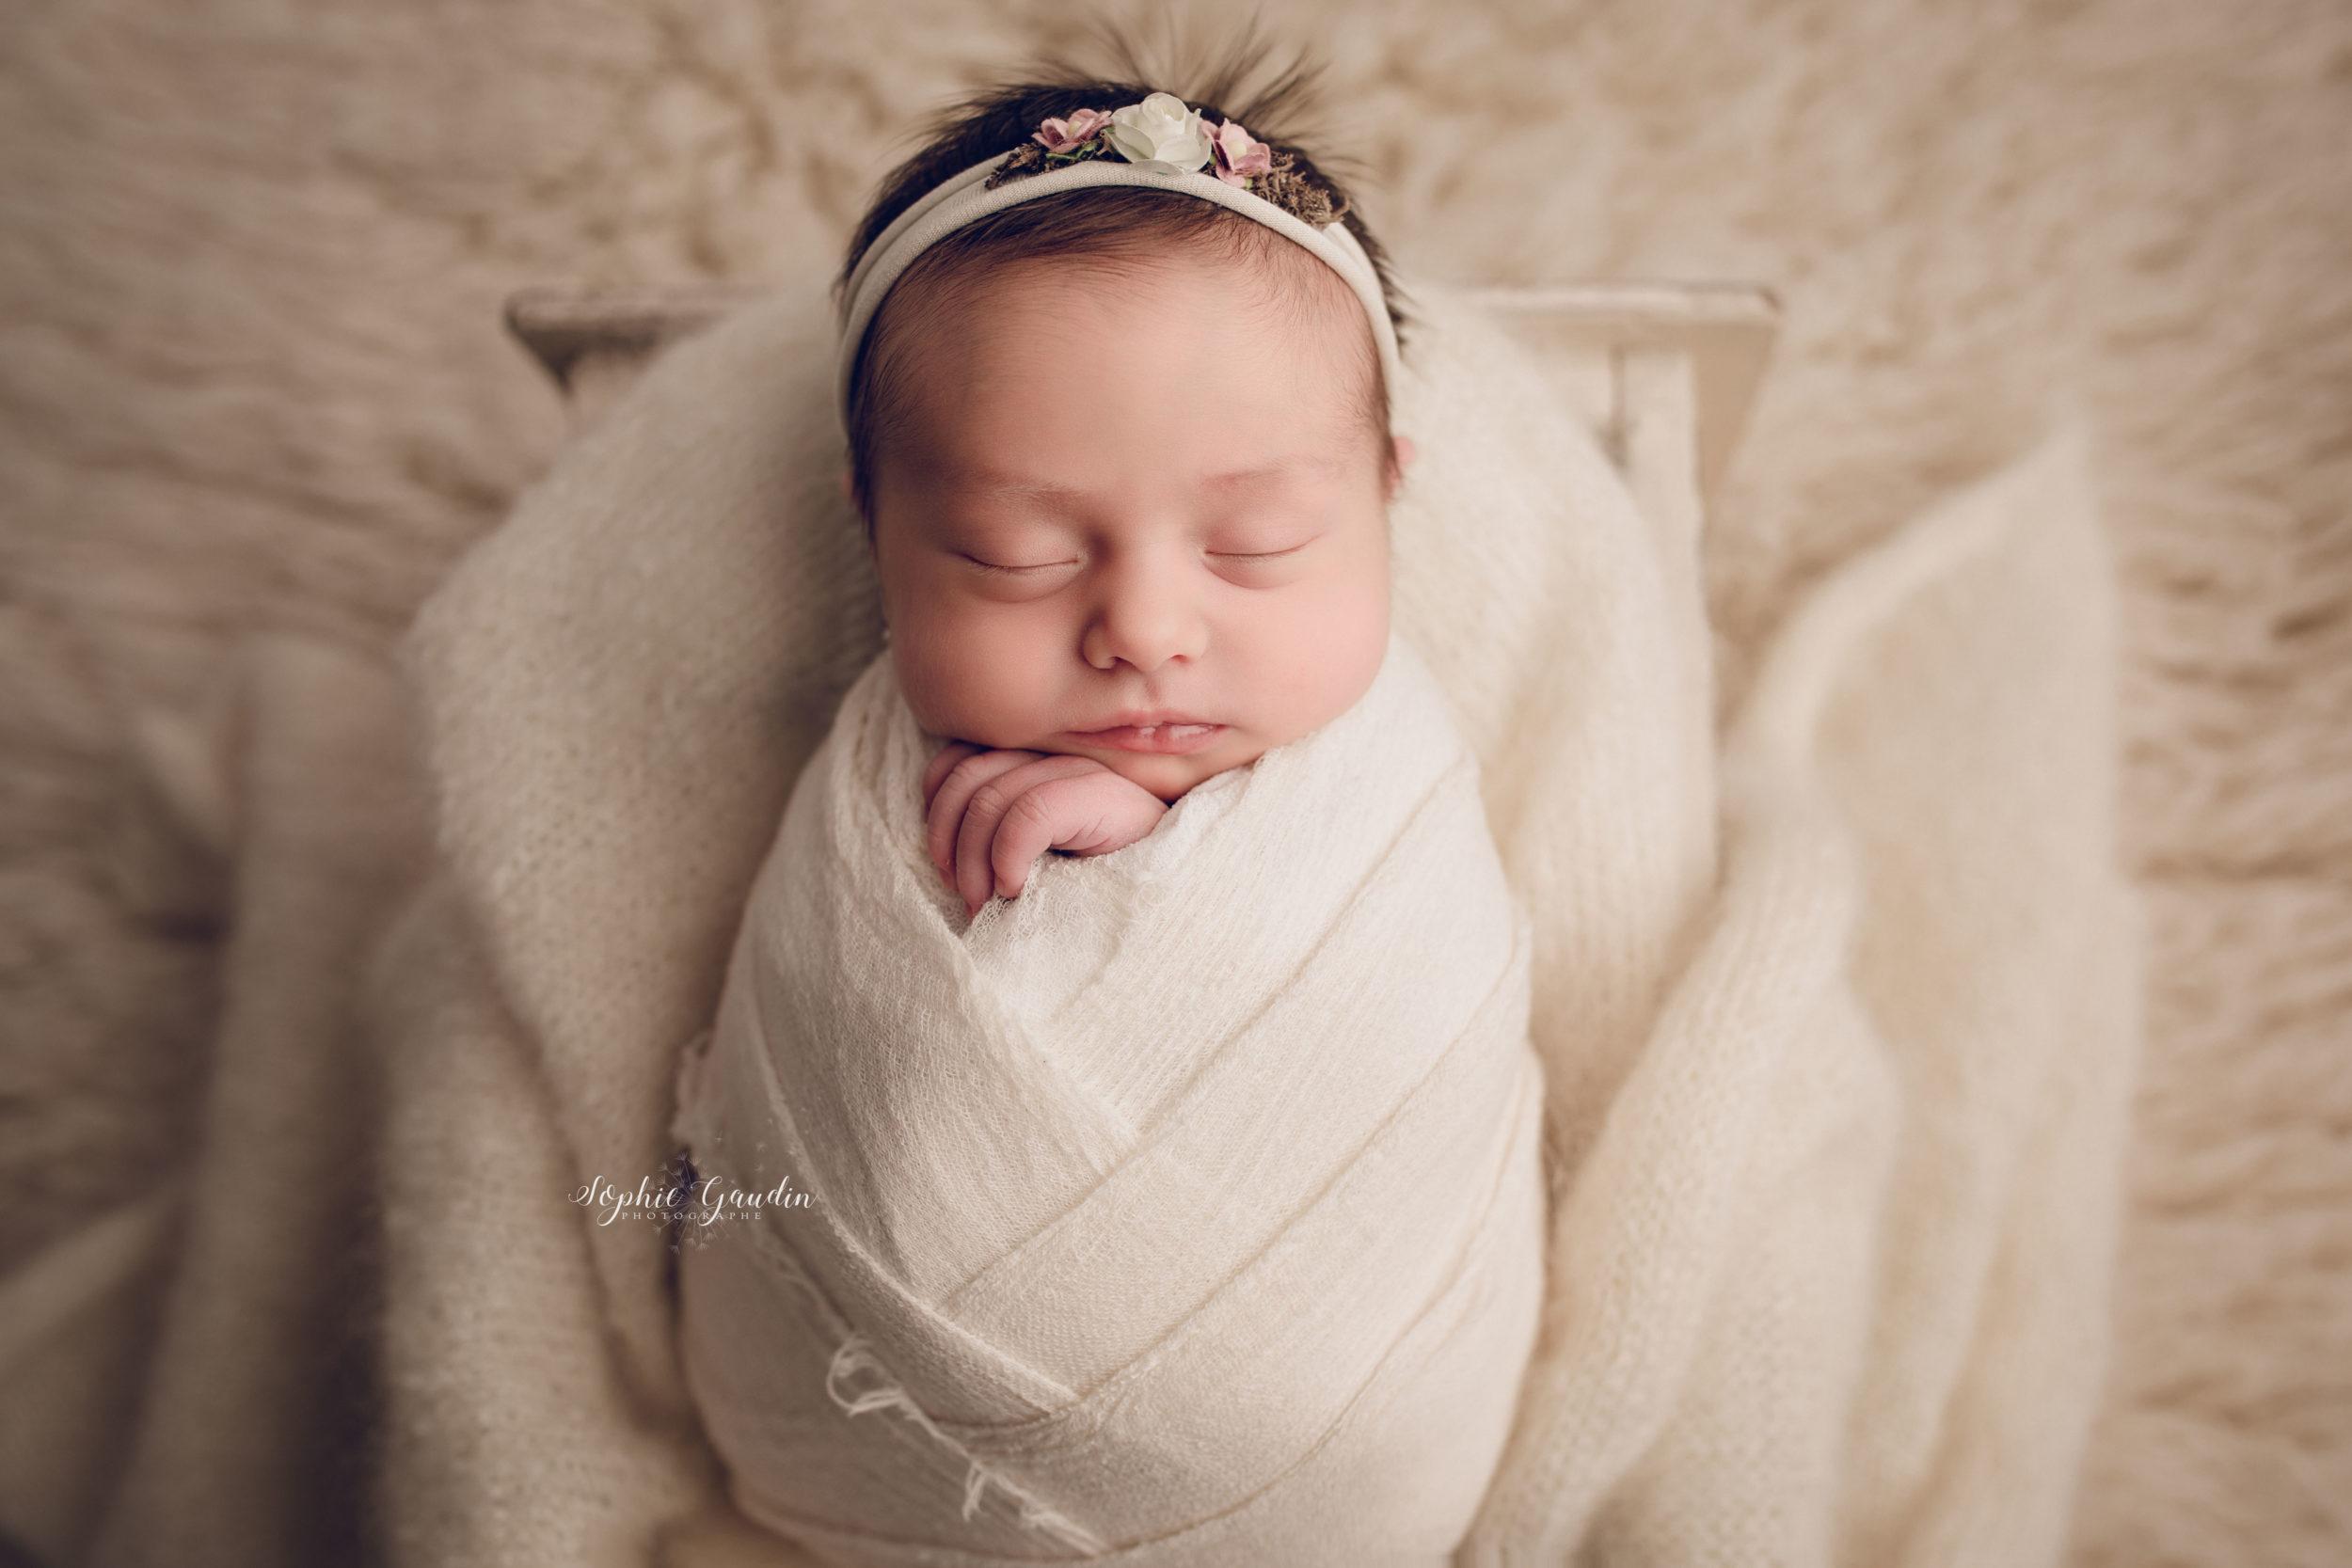 photographe-bebe-emmaillote